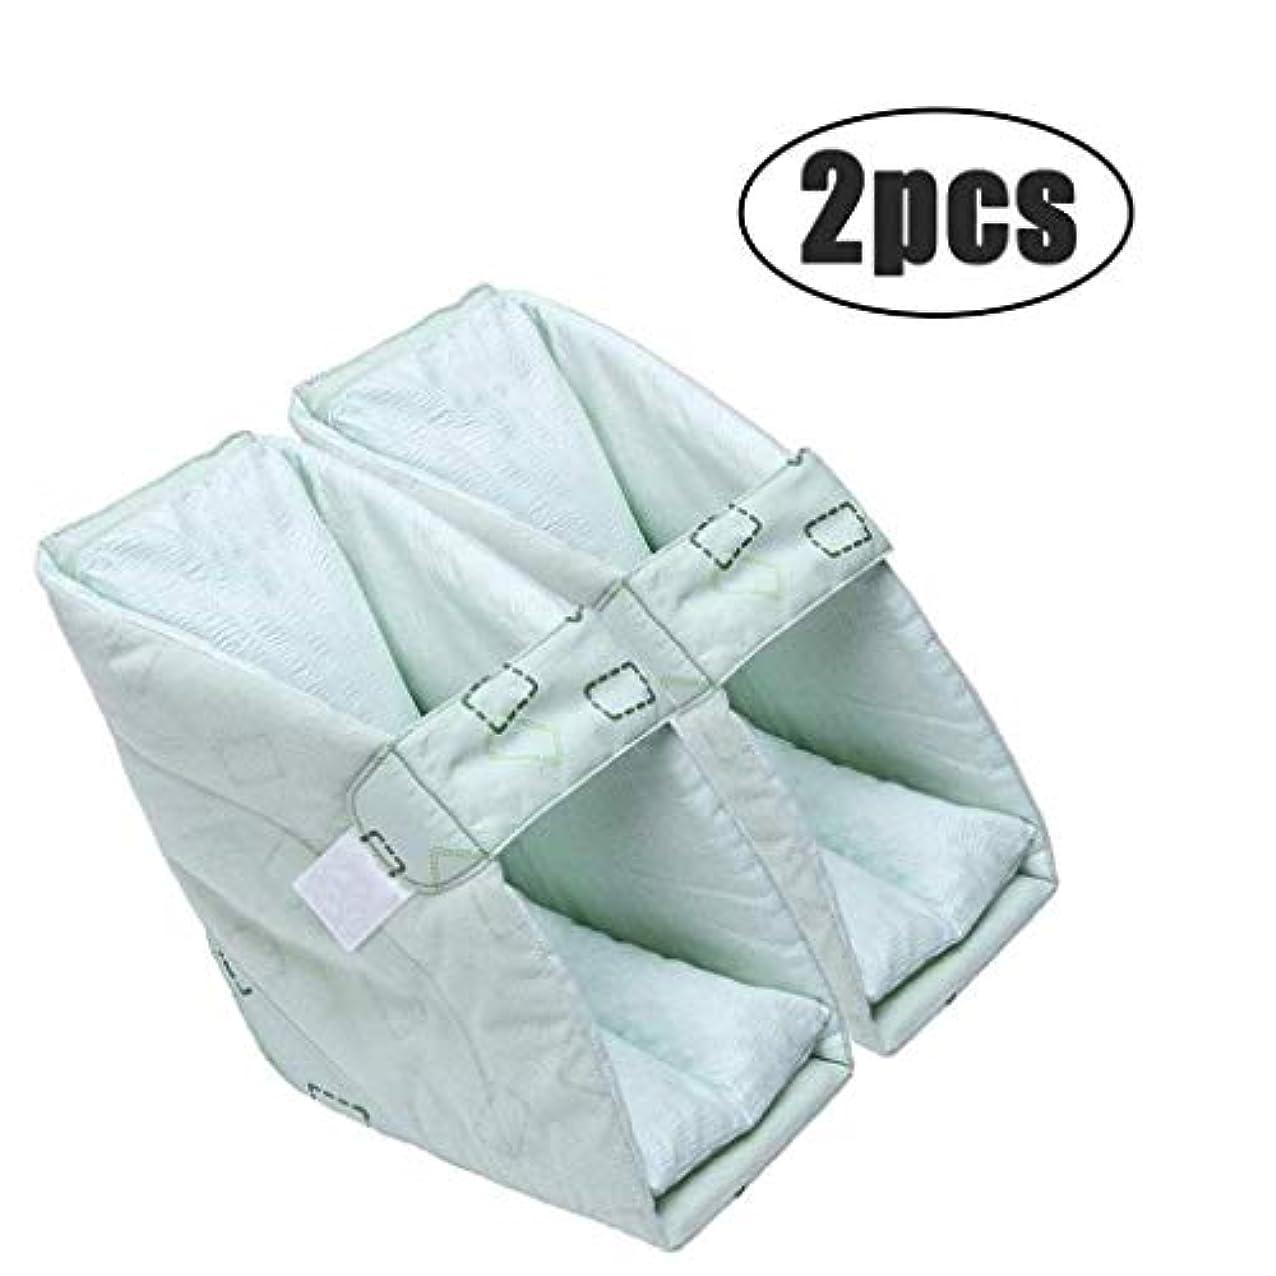 転用セラフ言及するTONGSH 足の枕、かかとのプロテクター、かかとのクッション、かかとの保護、効果的なPressure瘡およびかかとの潰瘍の救済、腫れた足に最適、快適なかかとの保護の足の枕 (Size : 2pcs)